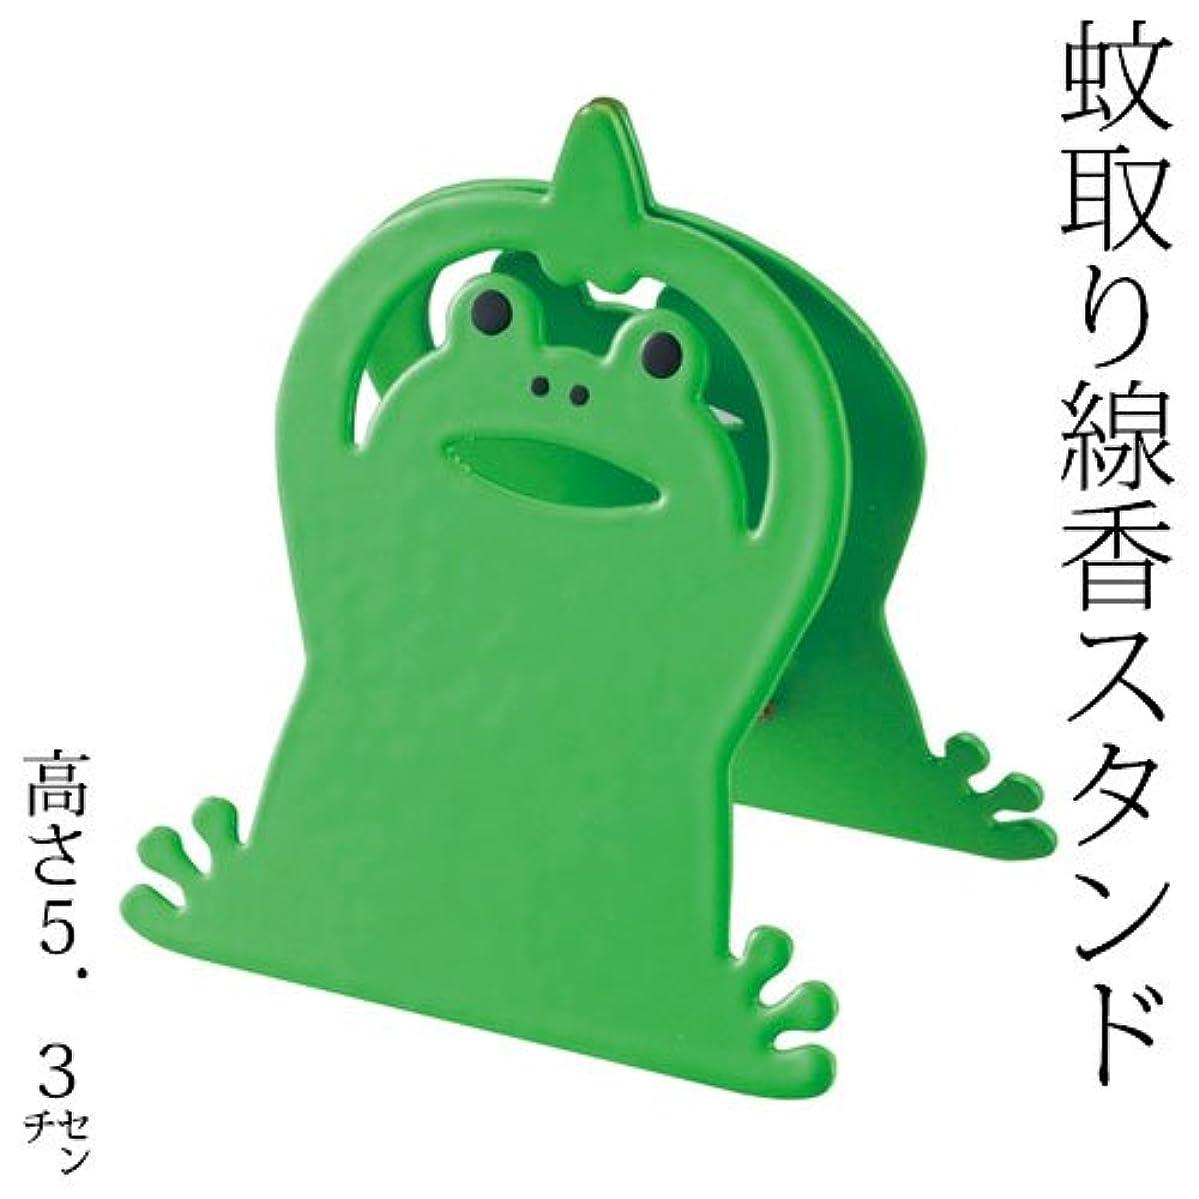 弱まるタービン悔い改めるDECOLE蚊取り線香クリップスタンドカエル (SK-13937)Mosquito coil clip stand